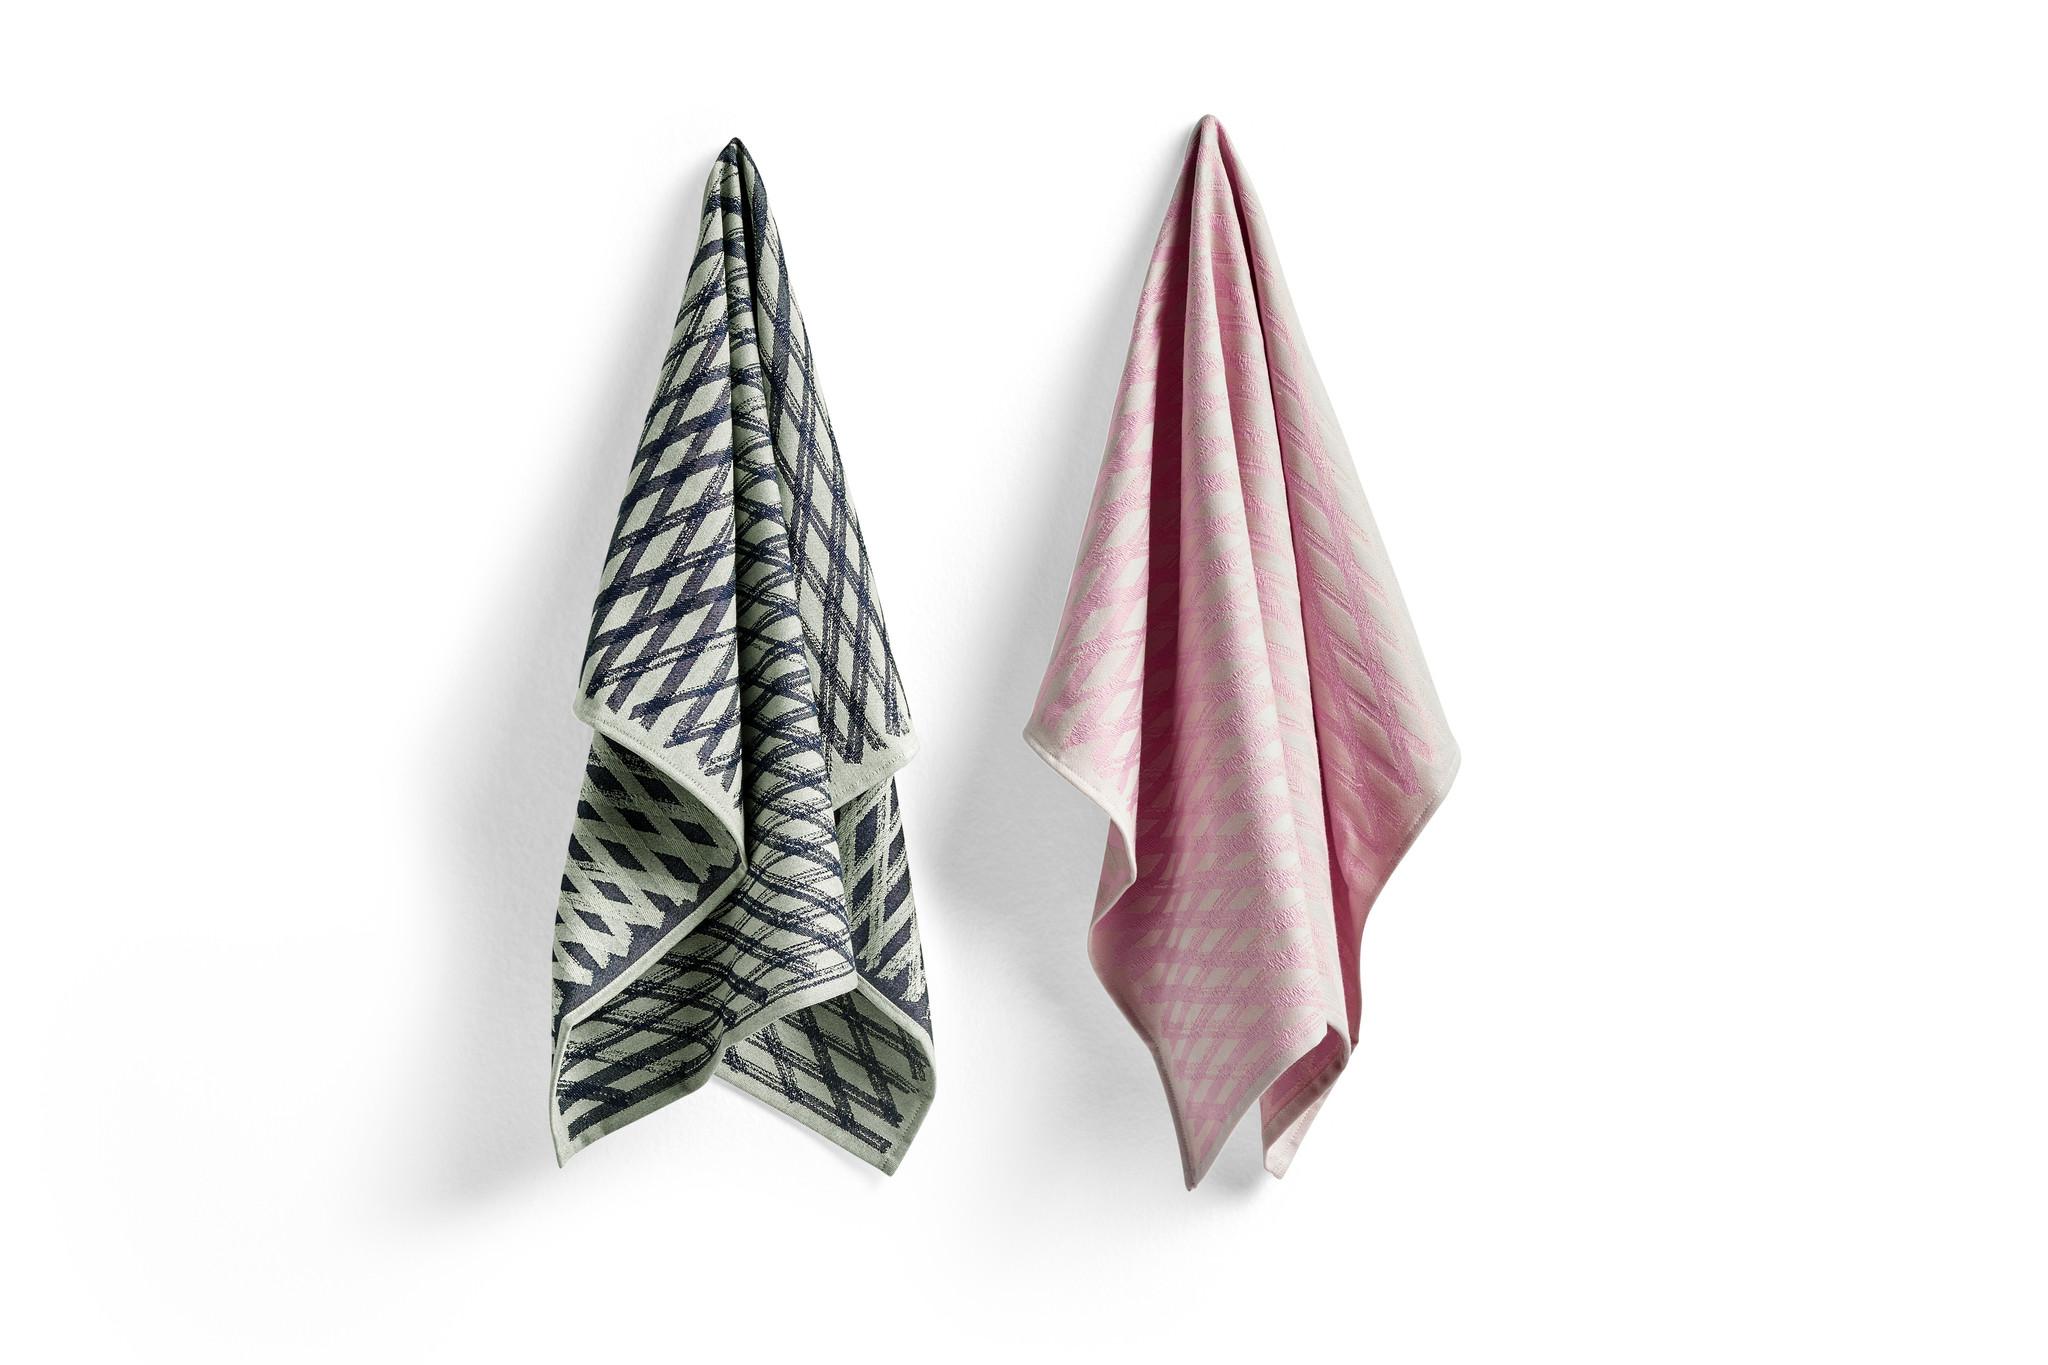 Tea towel S&B 2 Pcs.-6